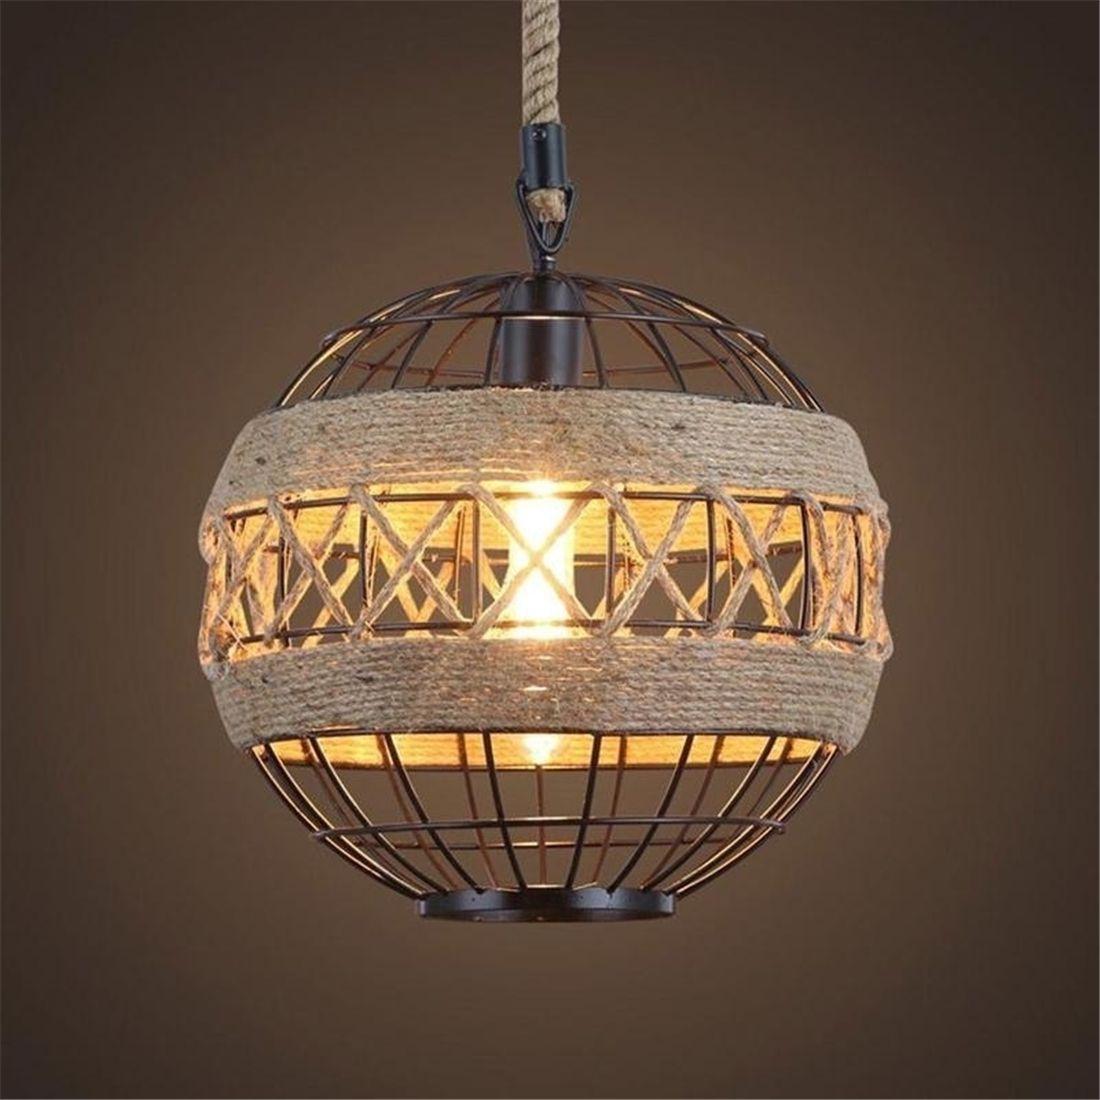 E27 светодио дный свет Ретро веревка промышленных ветер Люстра для Интернет кафе ресторан кафе-бар мяч Персонализированные лампа